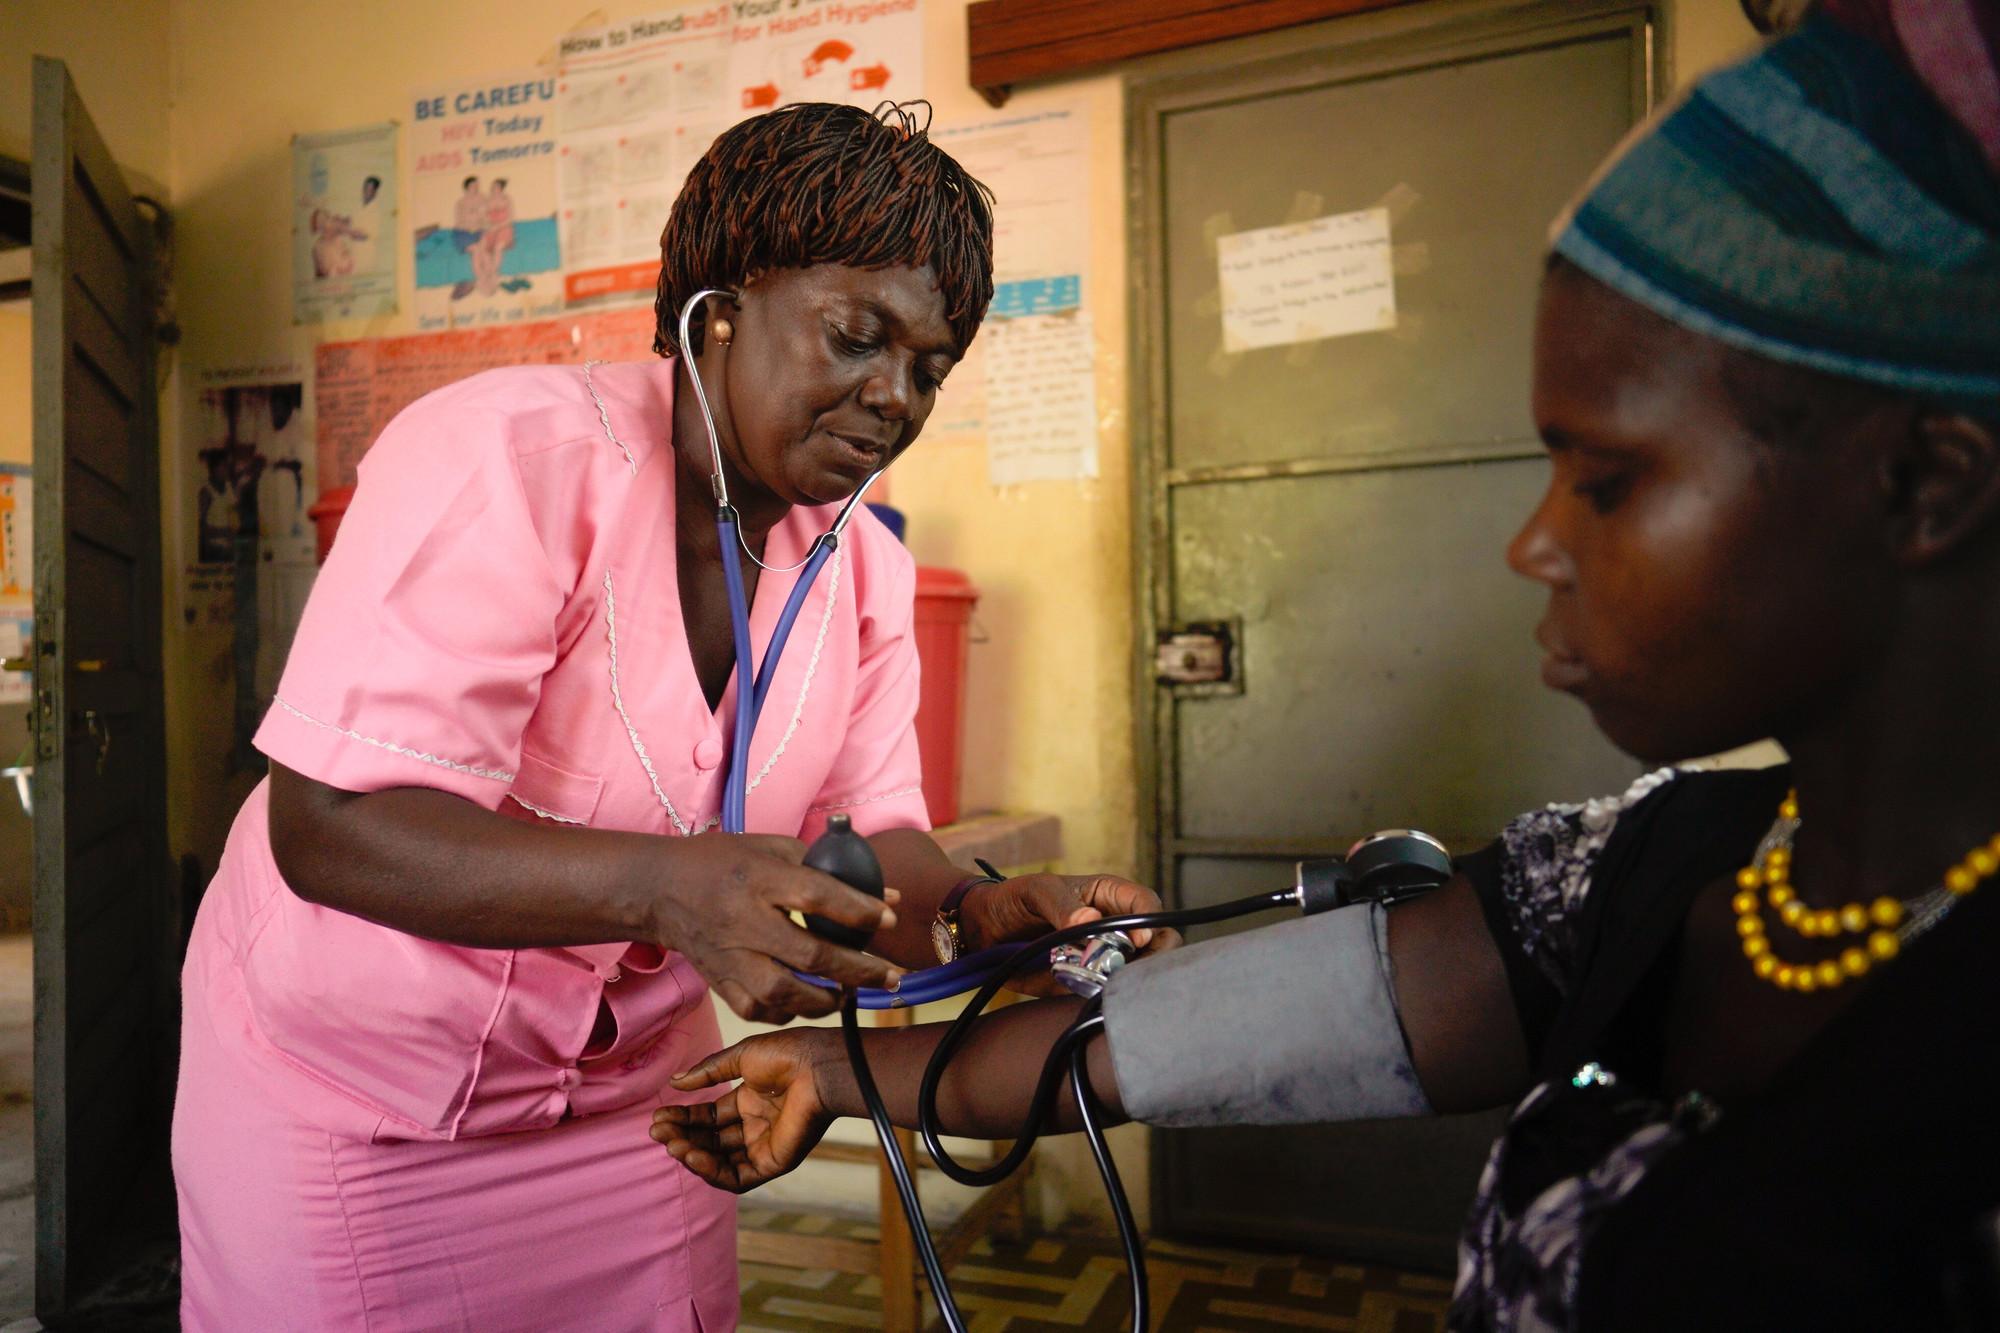 Uma profissional de saúde verifica a pressão arterial de uma mulher.